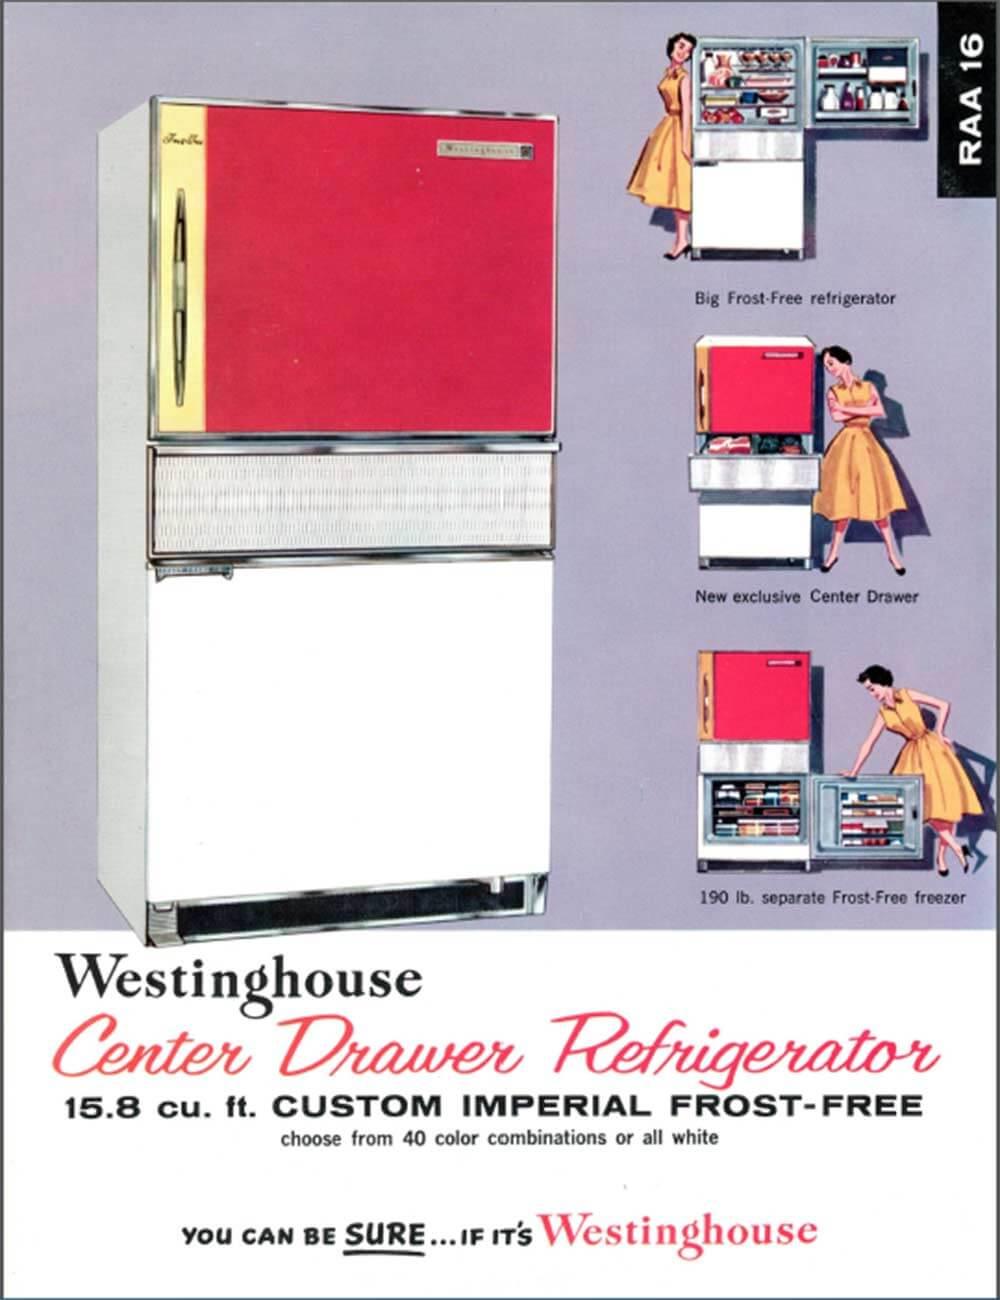 Vintage-Westinghouse-Center-drawer-refrigerator